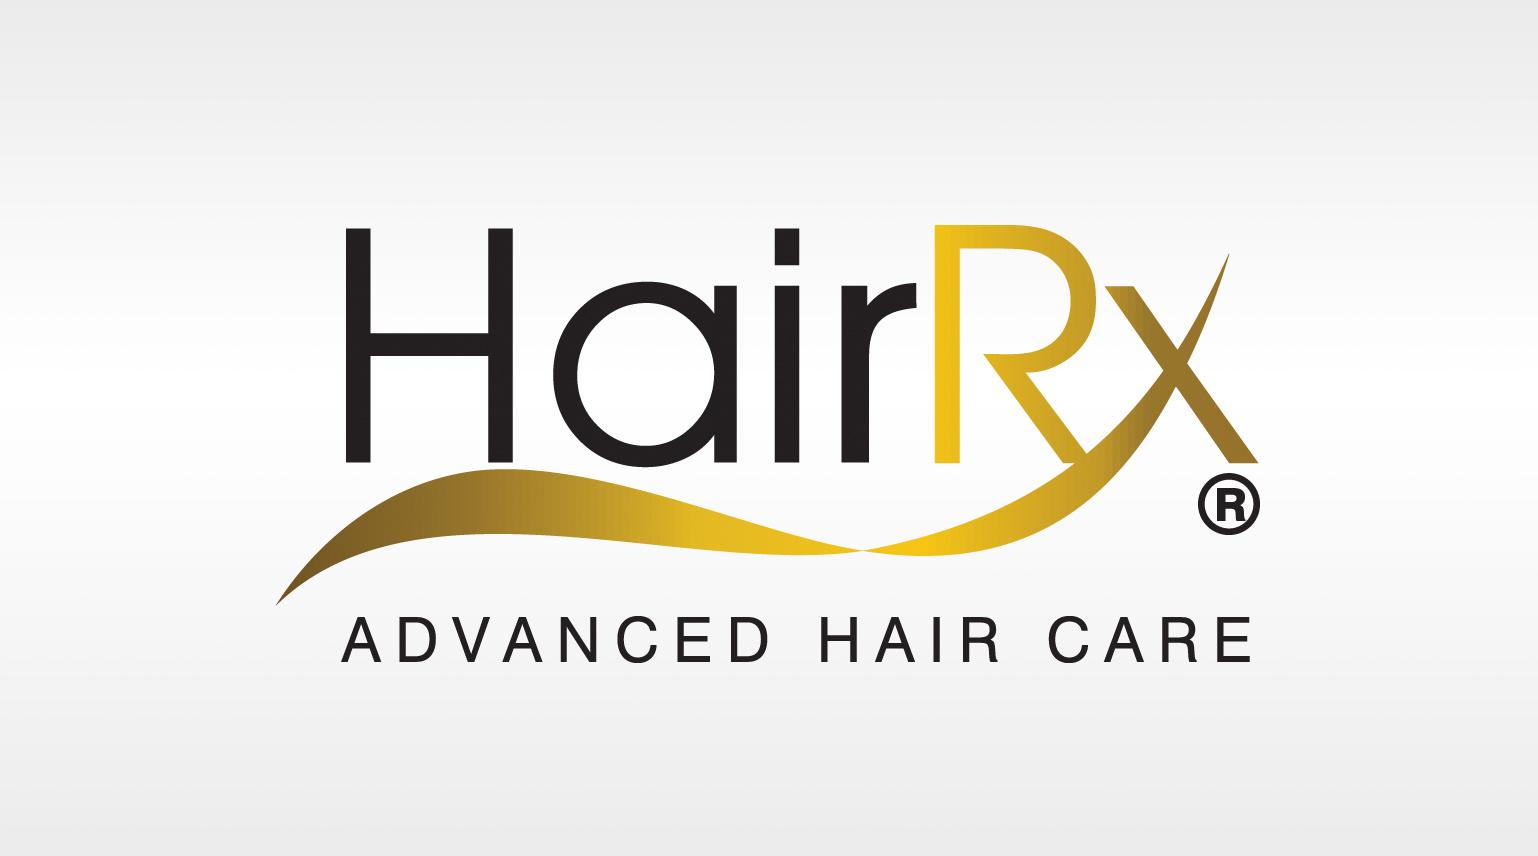 HairRx Advanced Hair Care